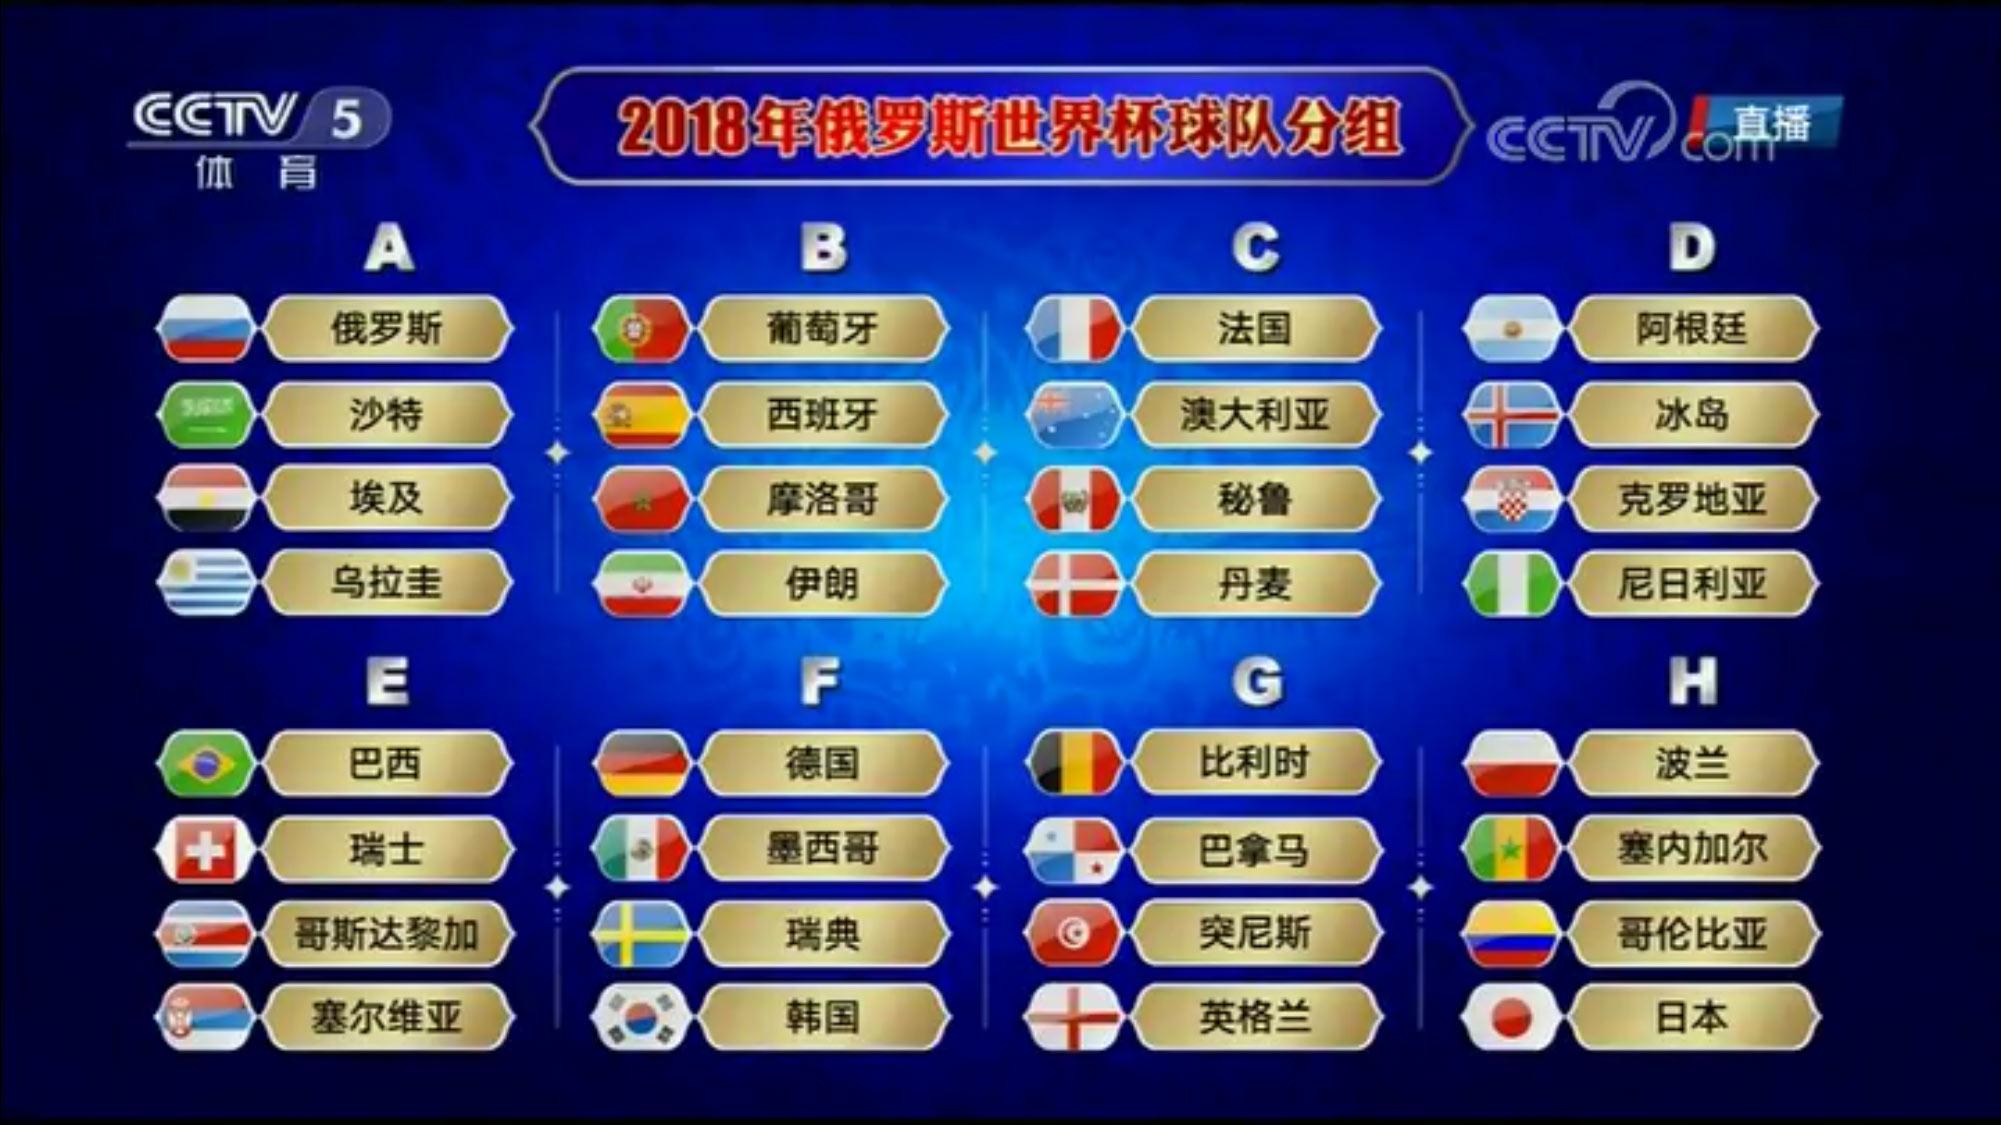 2018年世界杯分组抽签揭晓 冠军路线图开启_